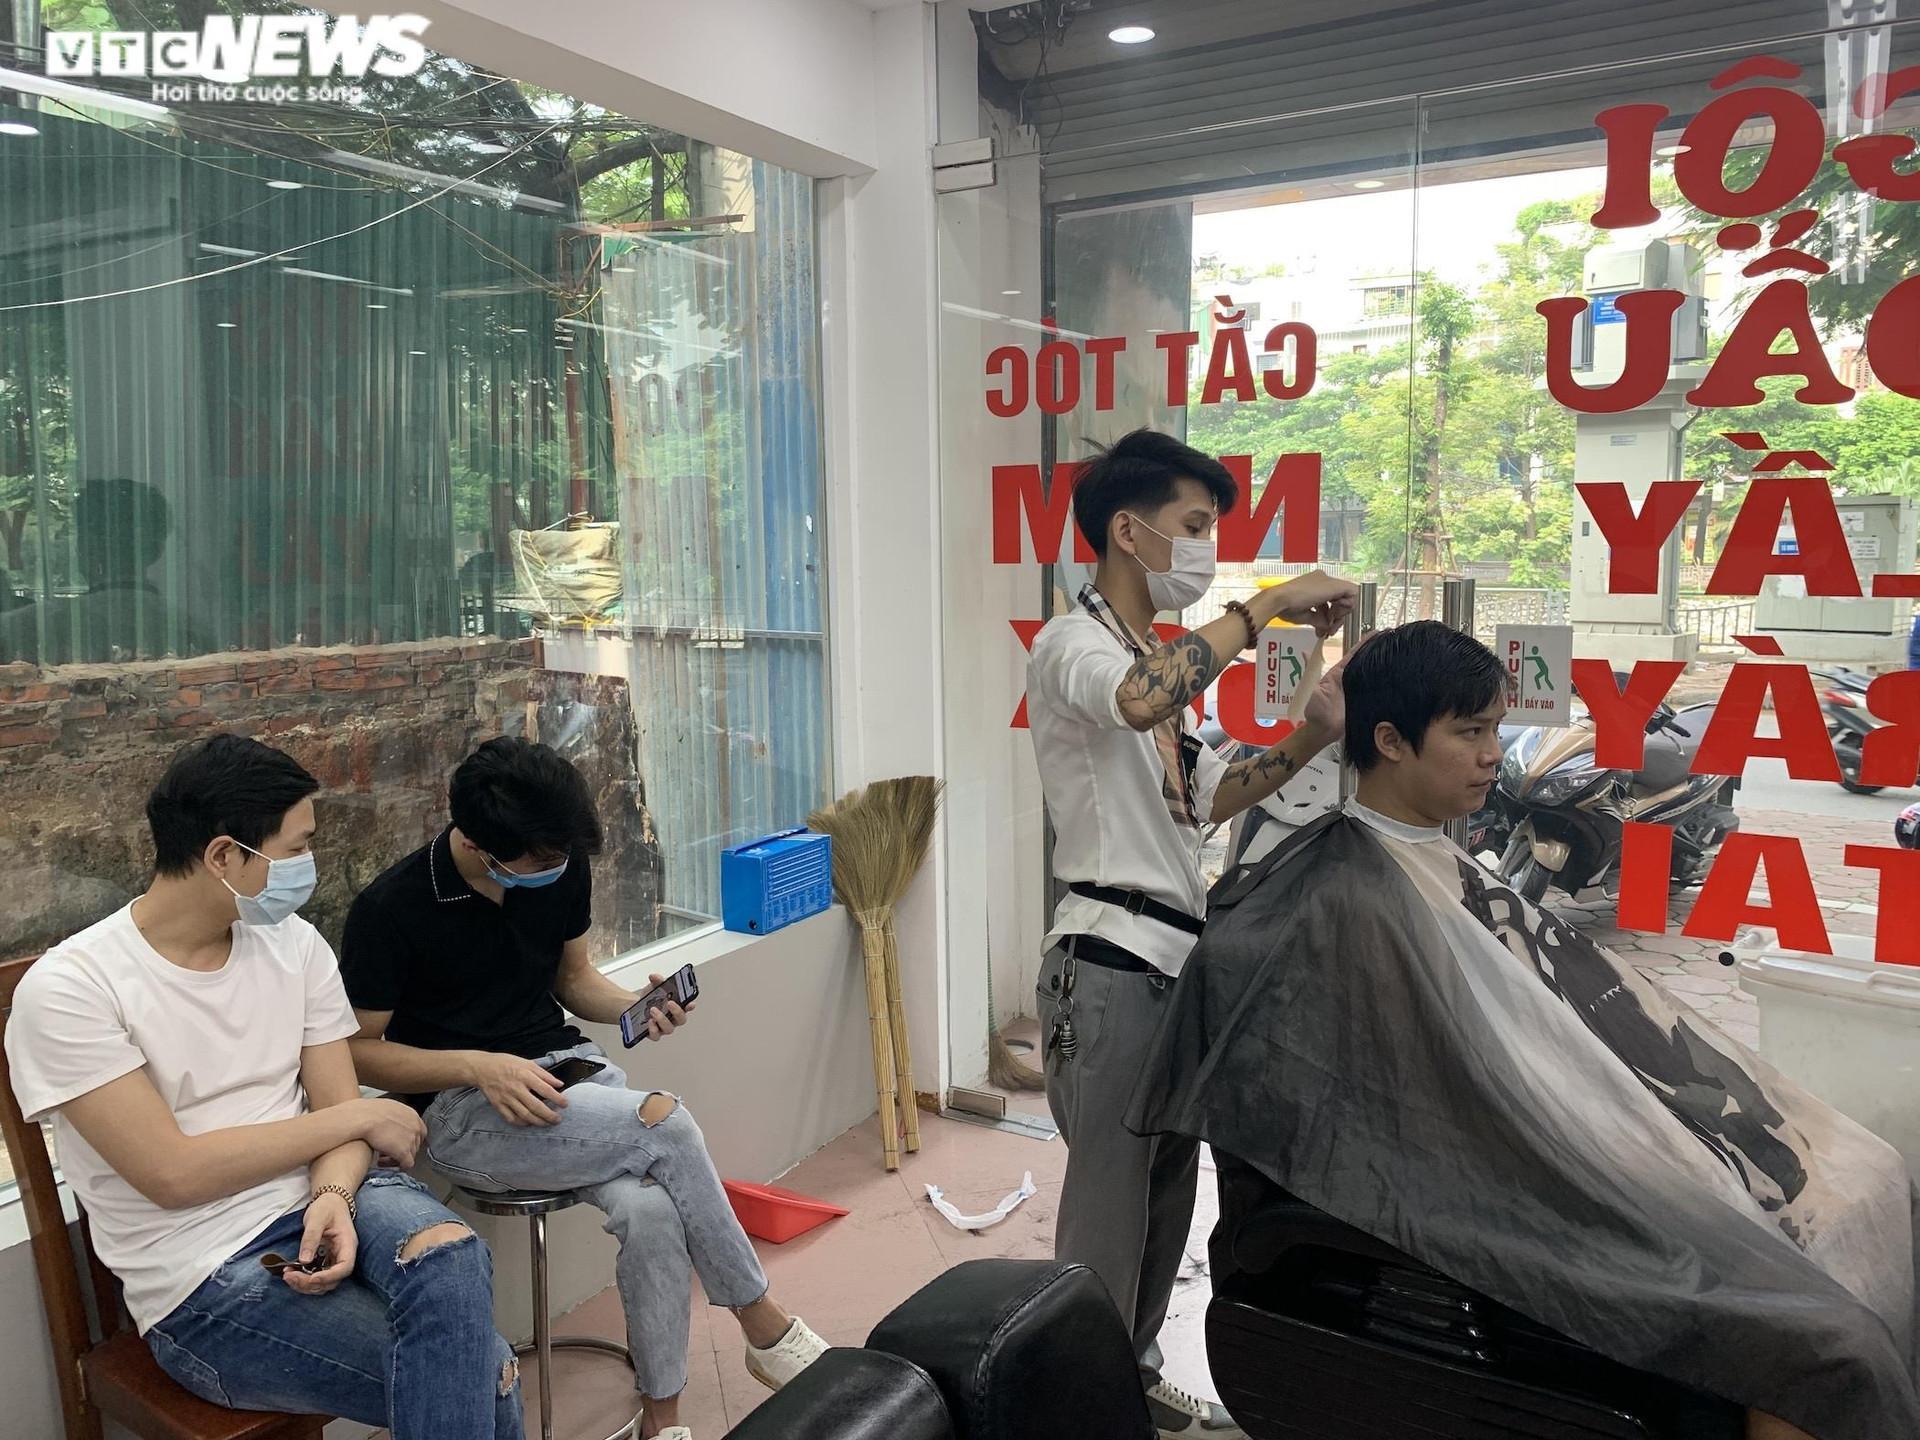 Hà Nội ngày đầu nới lỏng, thợ cắt tóc làm không kịp nghỉ - 5